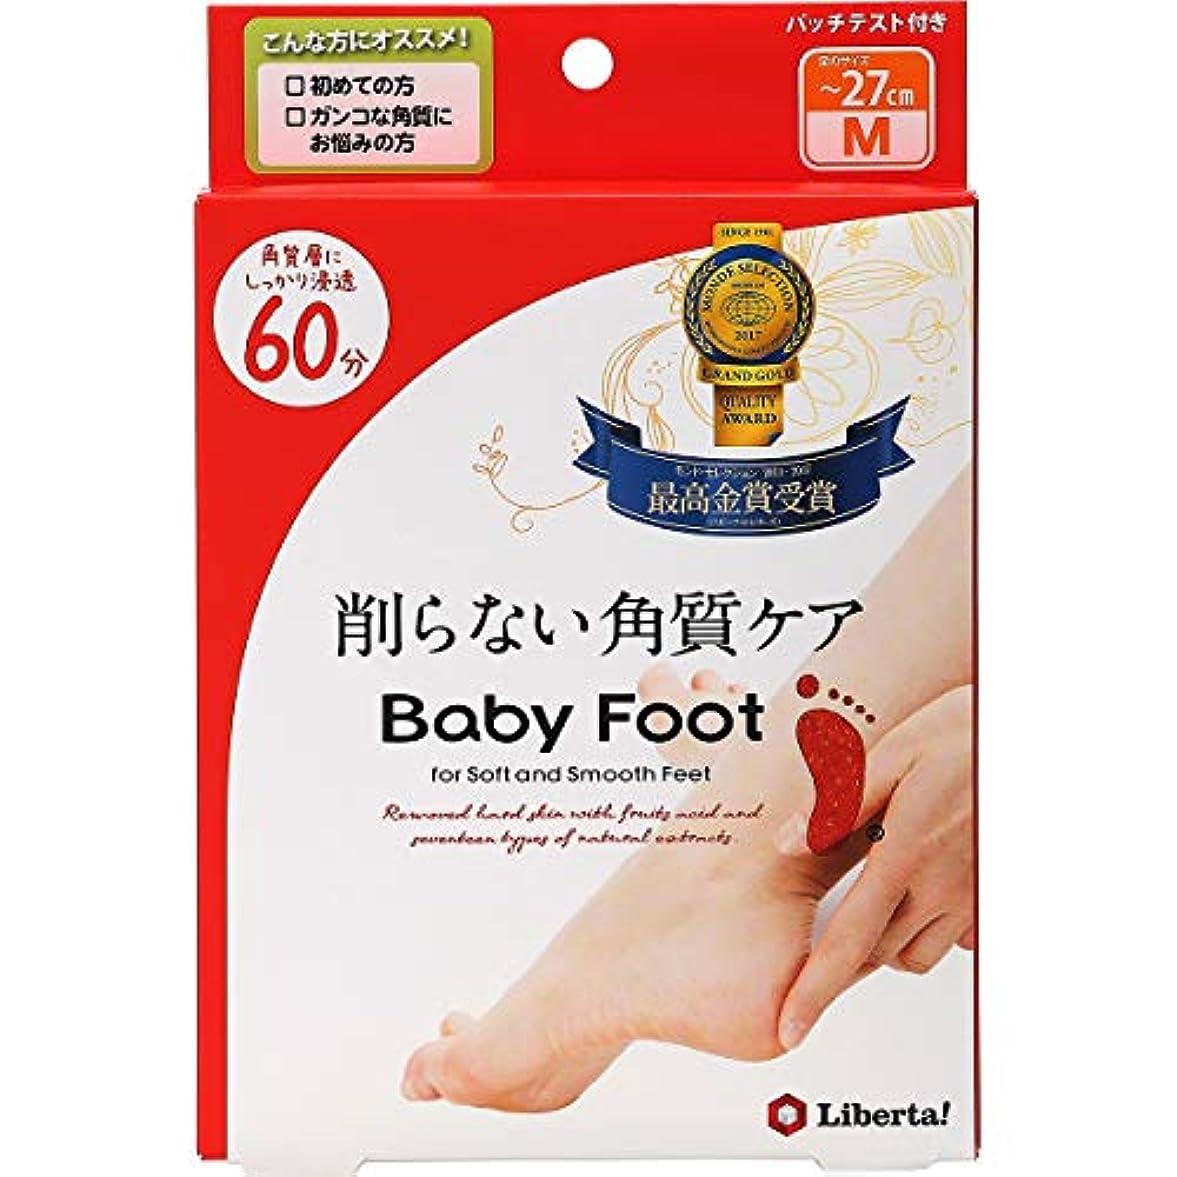 インテリアテレビを見る中央値ベビーフット (Baby Foot) ベビーフット イージーパック SPT60分タイプ Mサイズ 単品